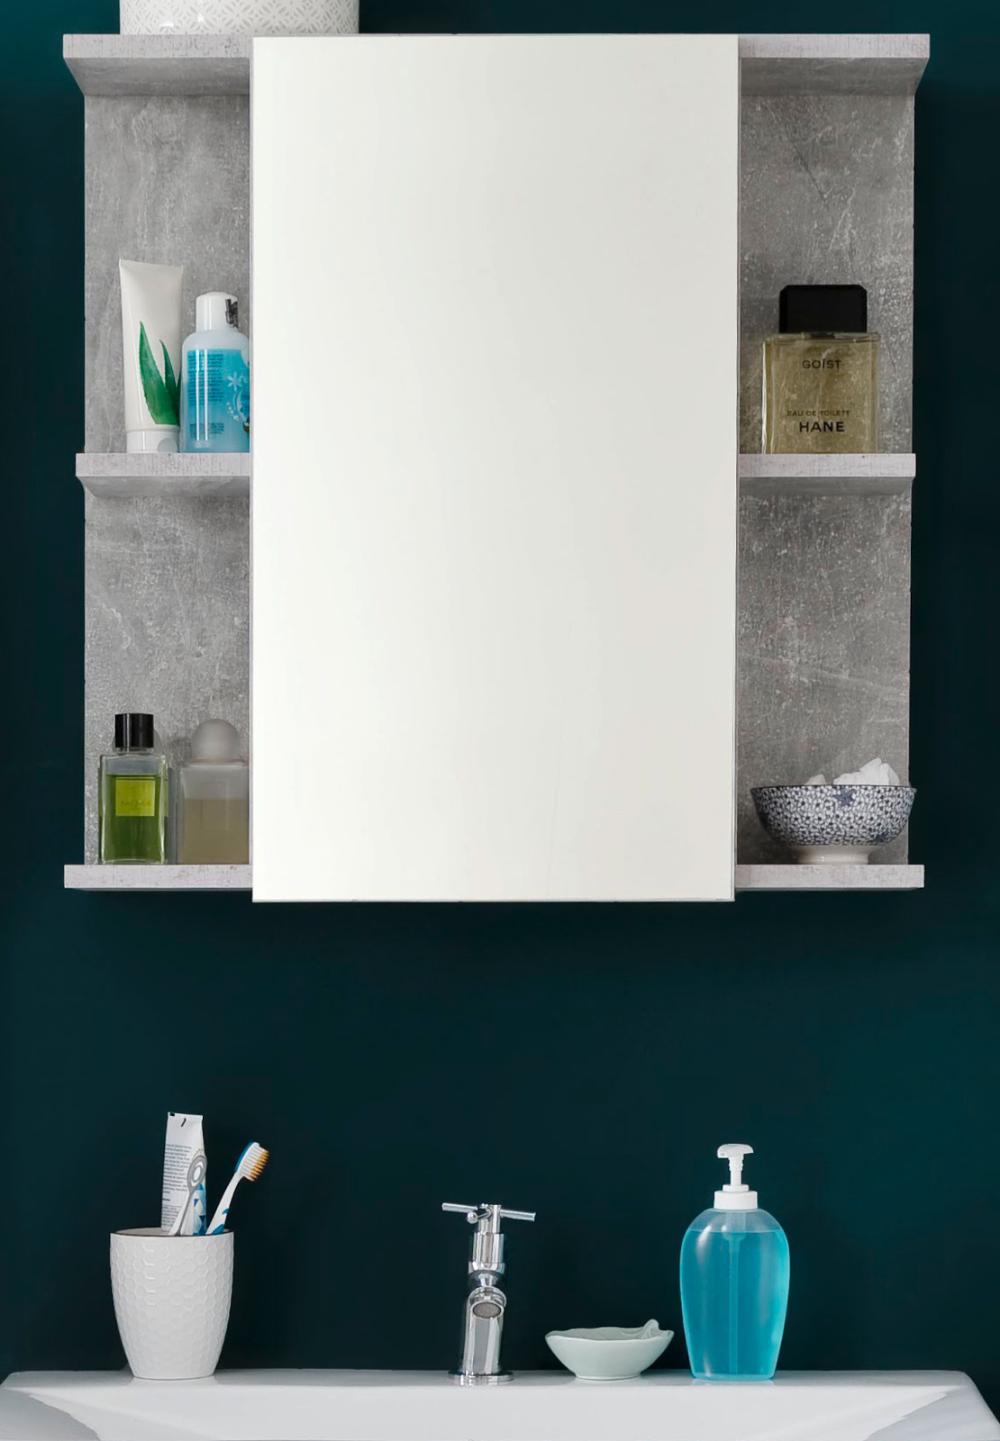 Spiegelschrank Badezimmerschrank Badmobel Real In 2020 Spiegelschrank Badezimmer Einrichtung Badezimmer Spiegelschrank